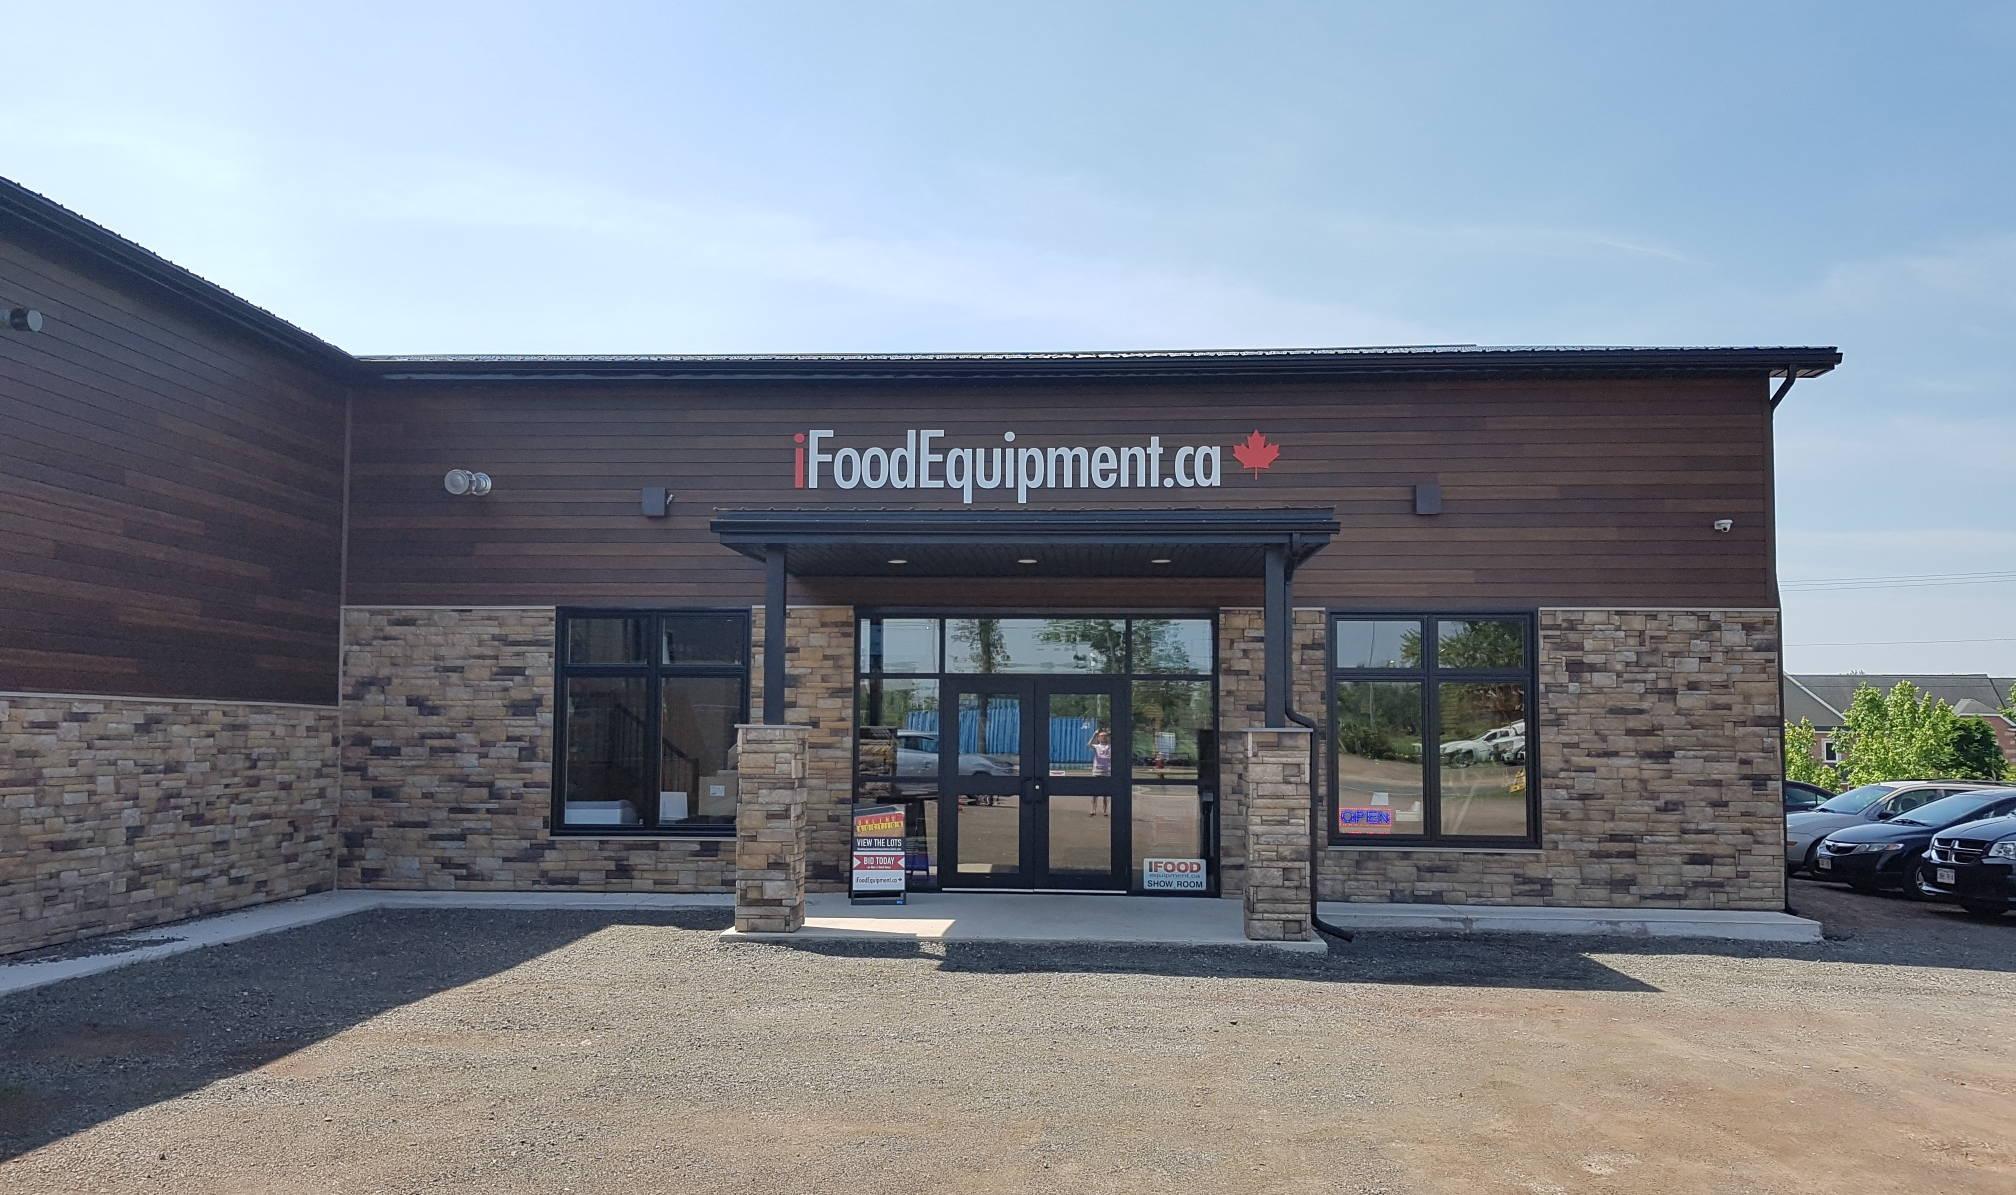 iFoodEquipment Moncton